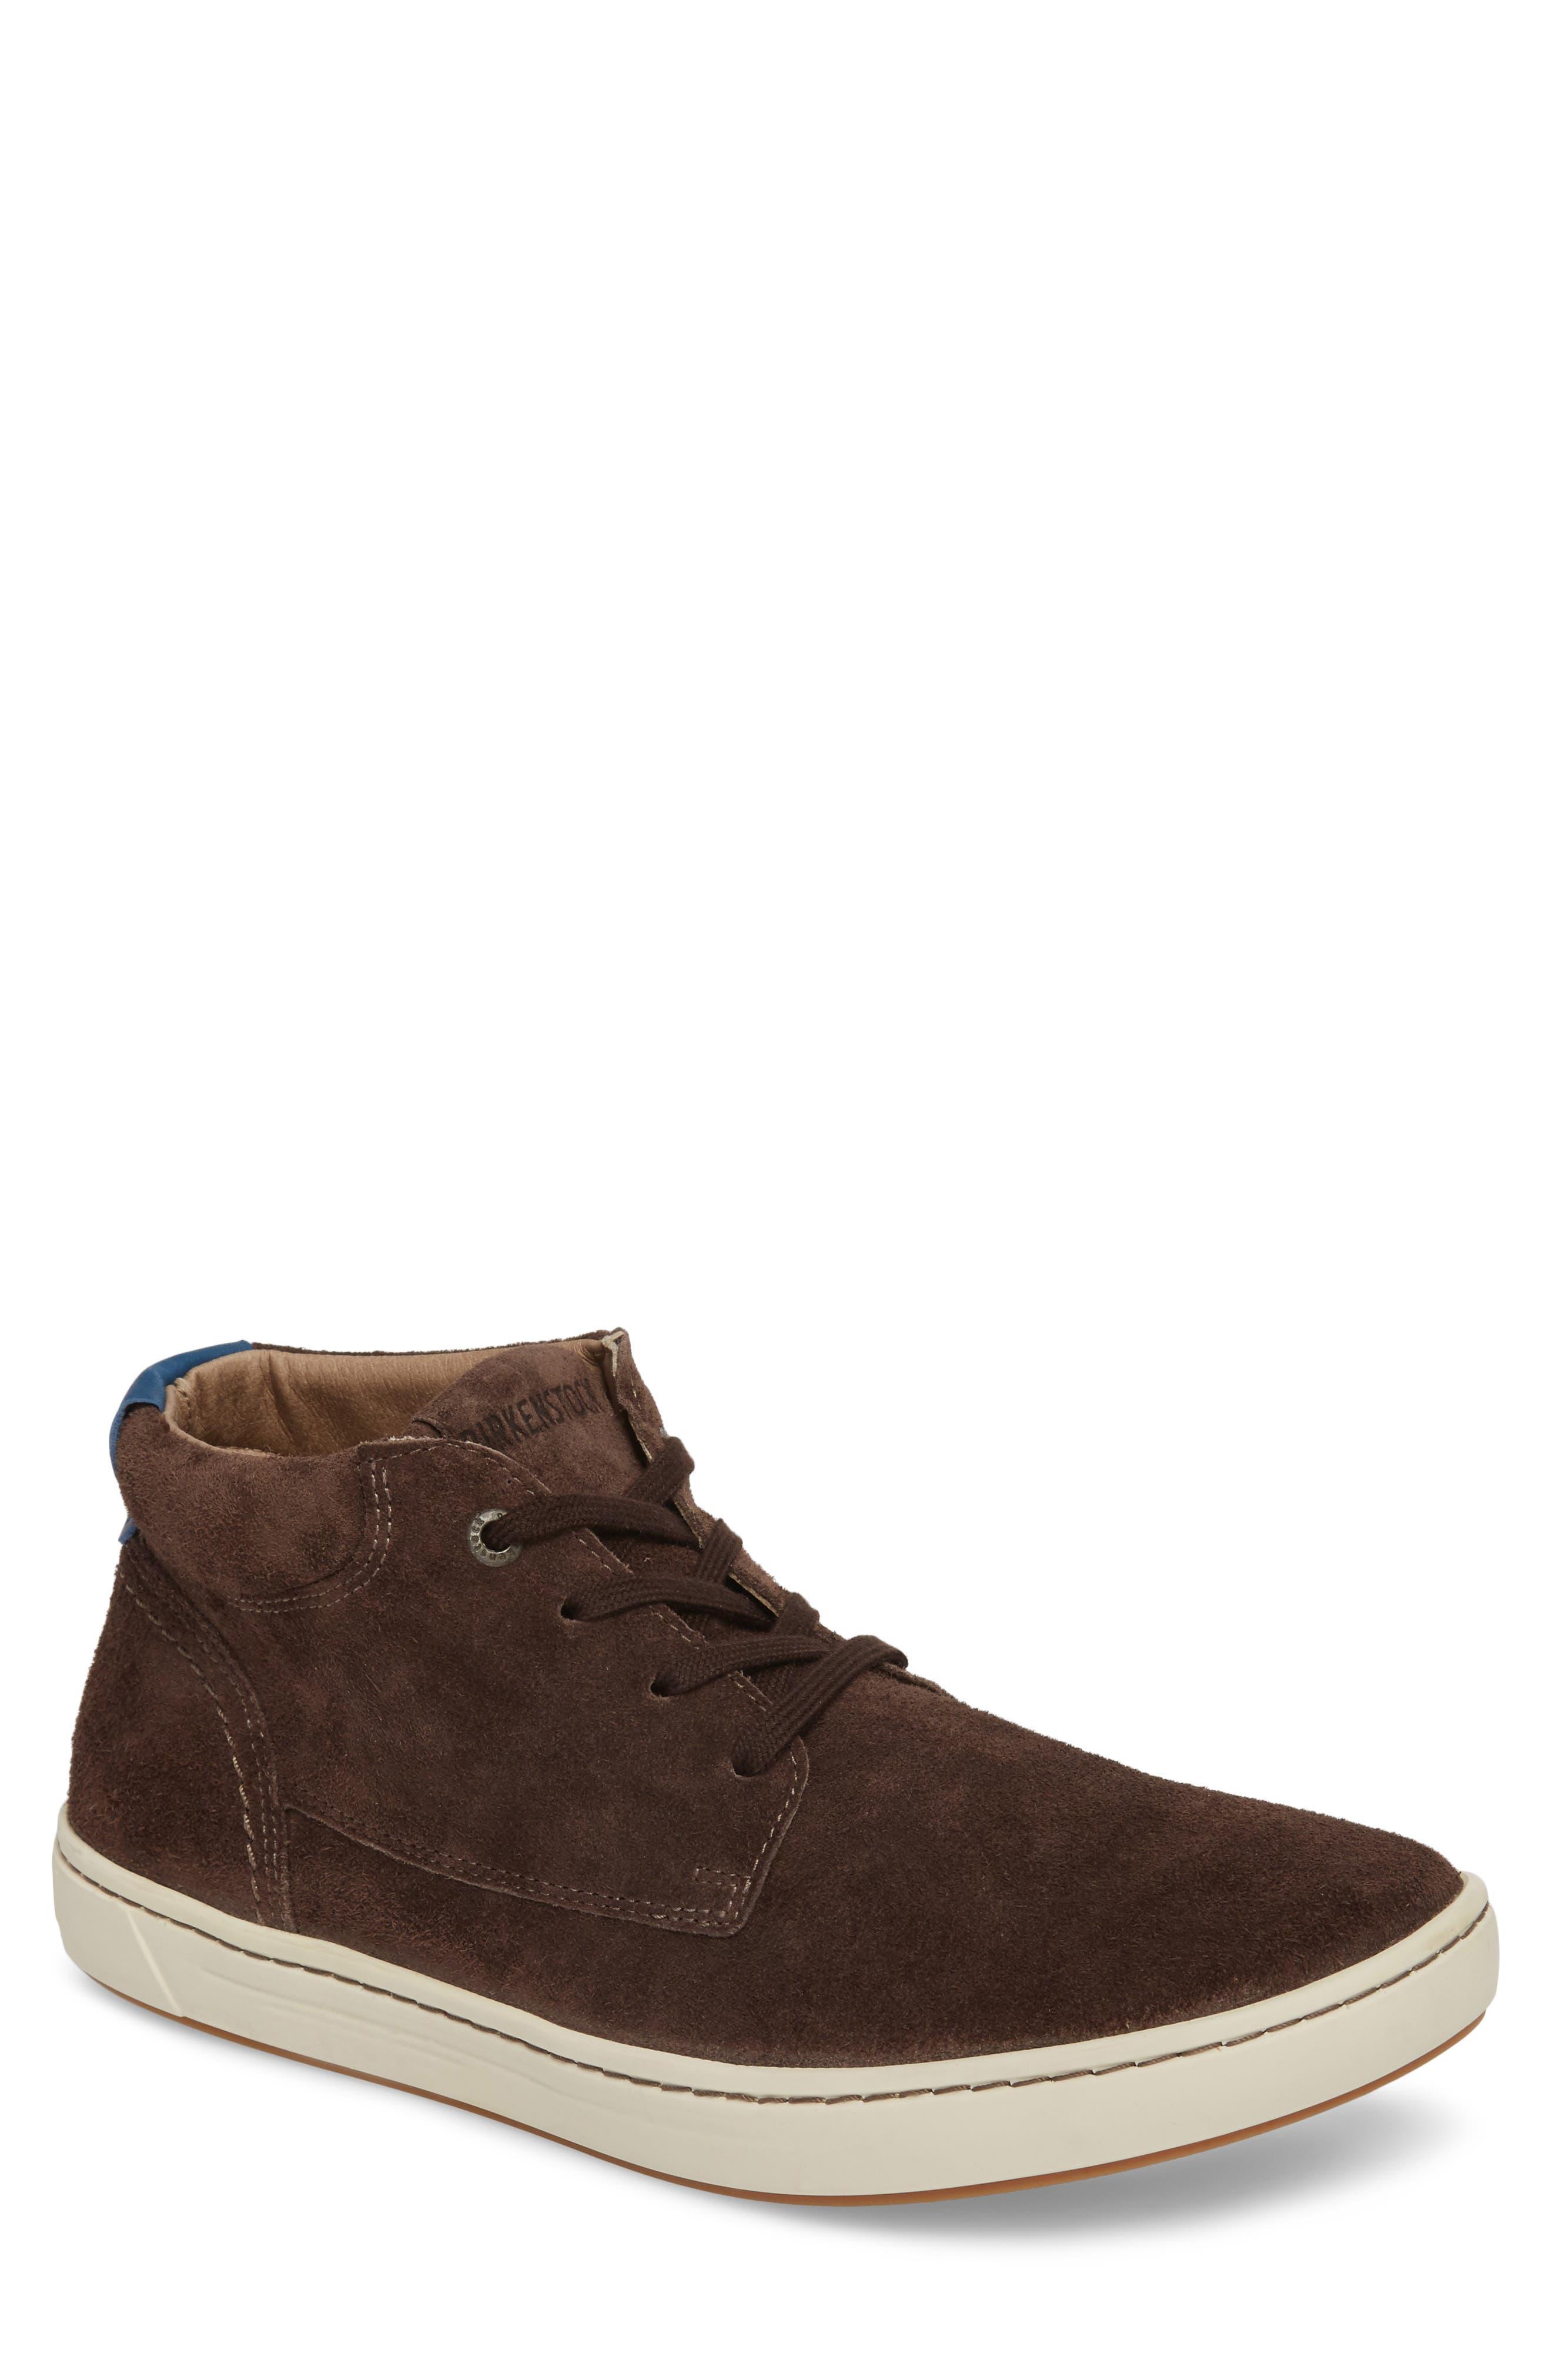 Brandon Sneaker,                         Main,                         color, ESPRESSO SUEDE